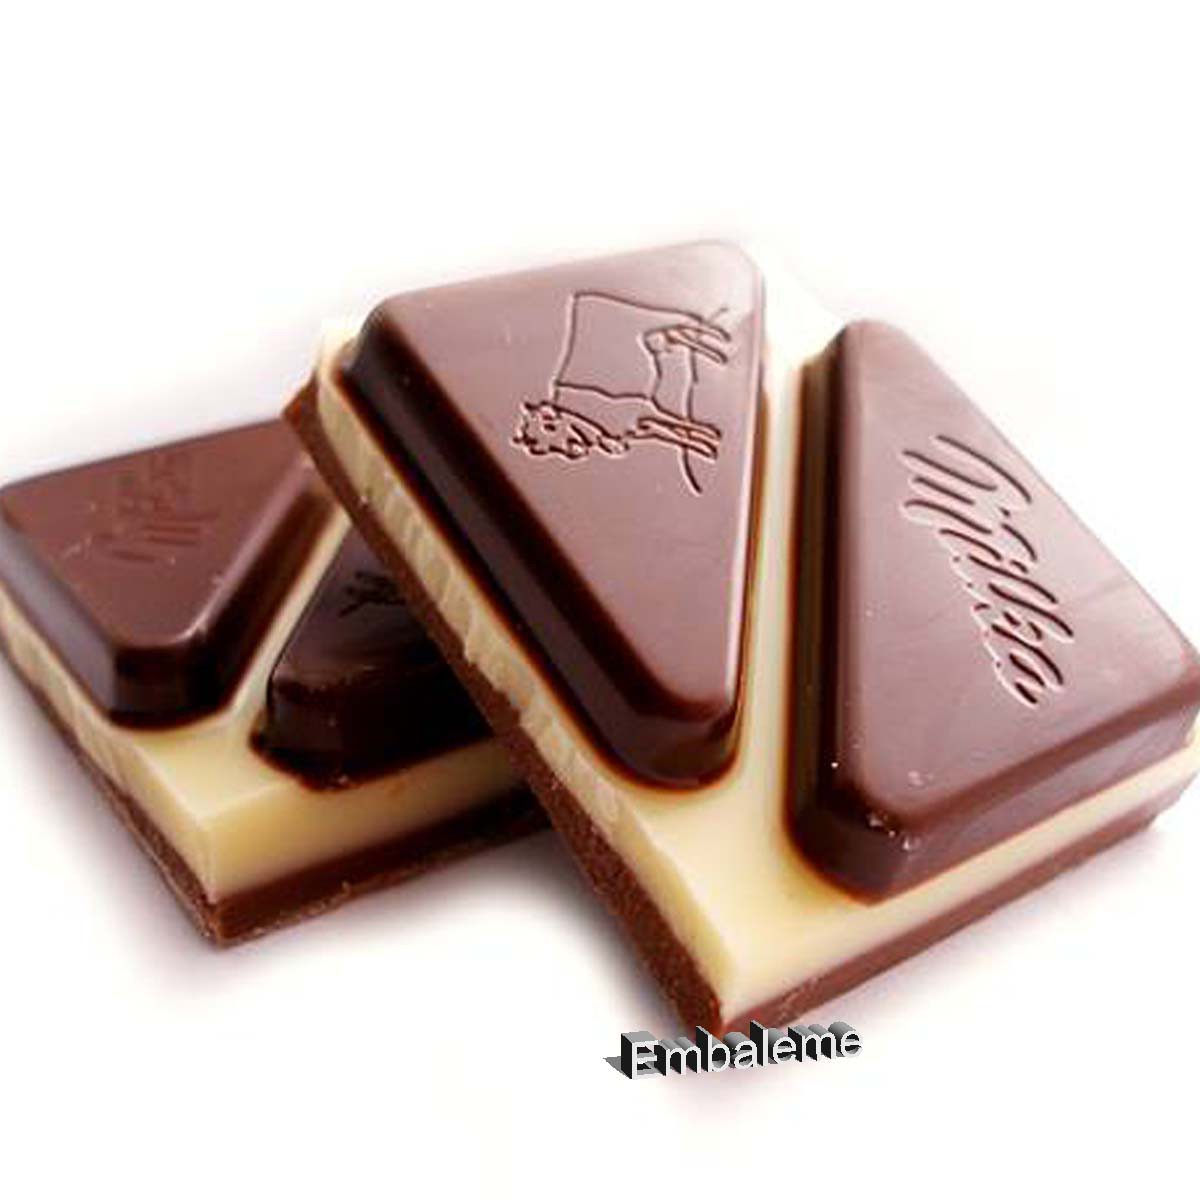 Chocolate Milka Triolade 280G Importado da Polônia